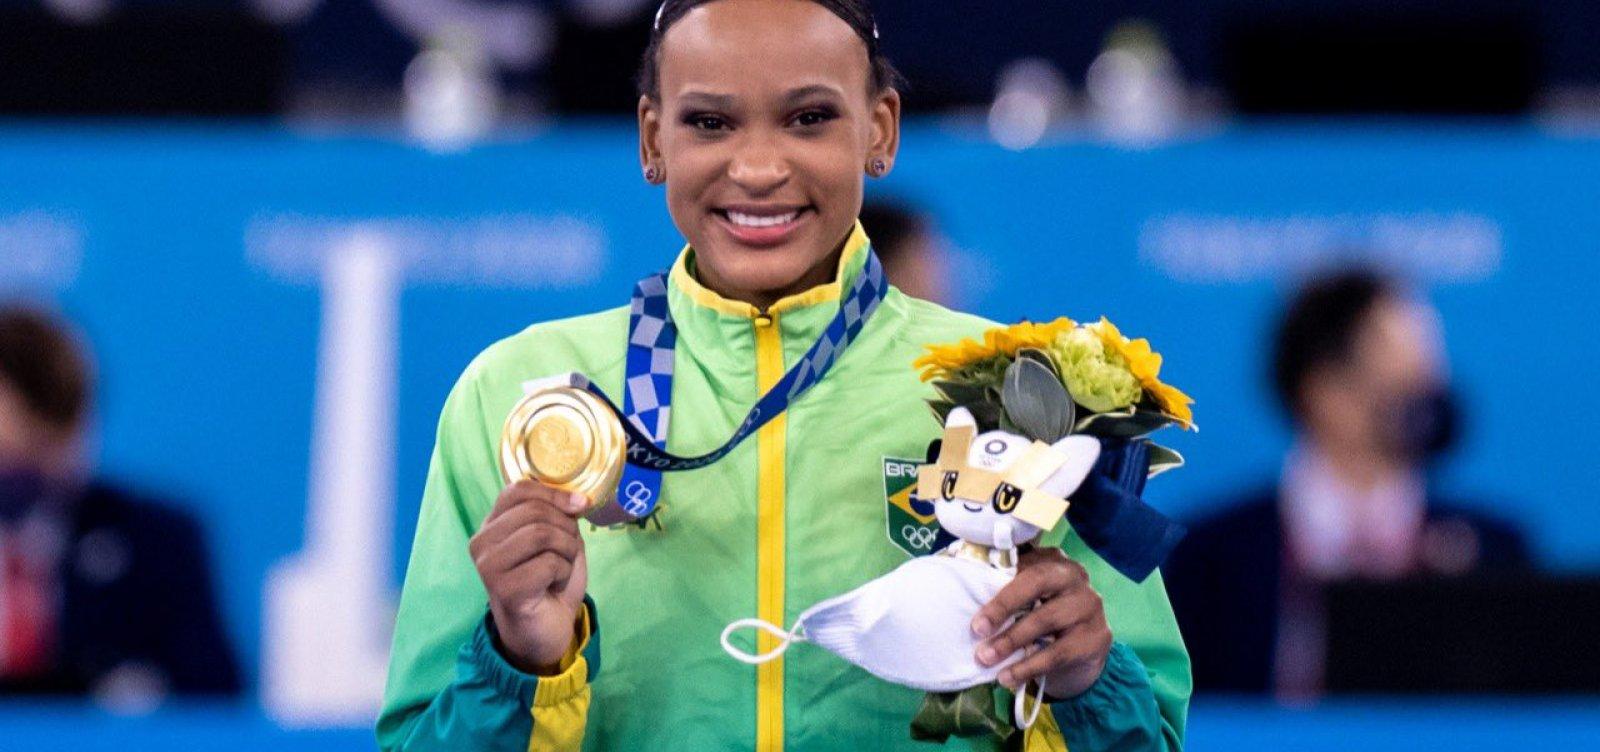 Rebeca Andrade será a porta-bandeira do Brasil na cerimônia de encerramento das Olimpíadas